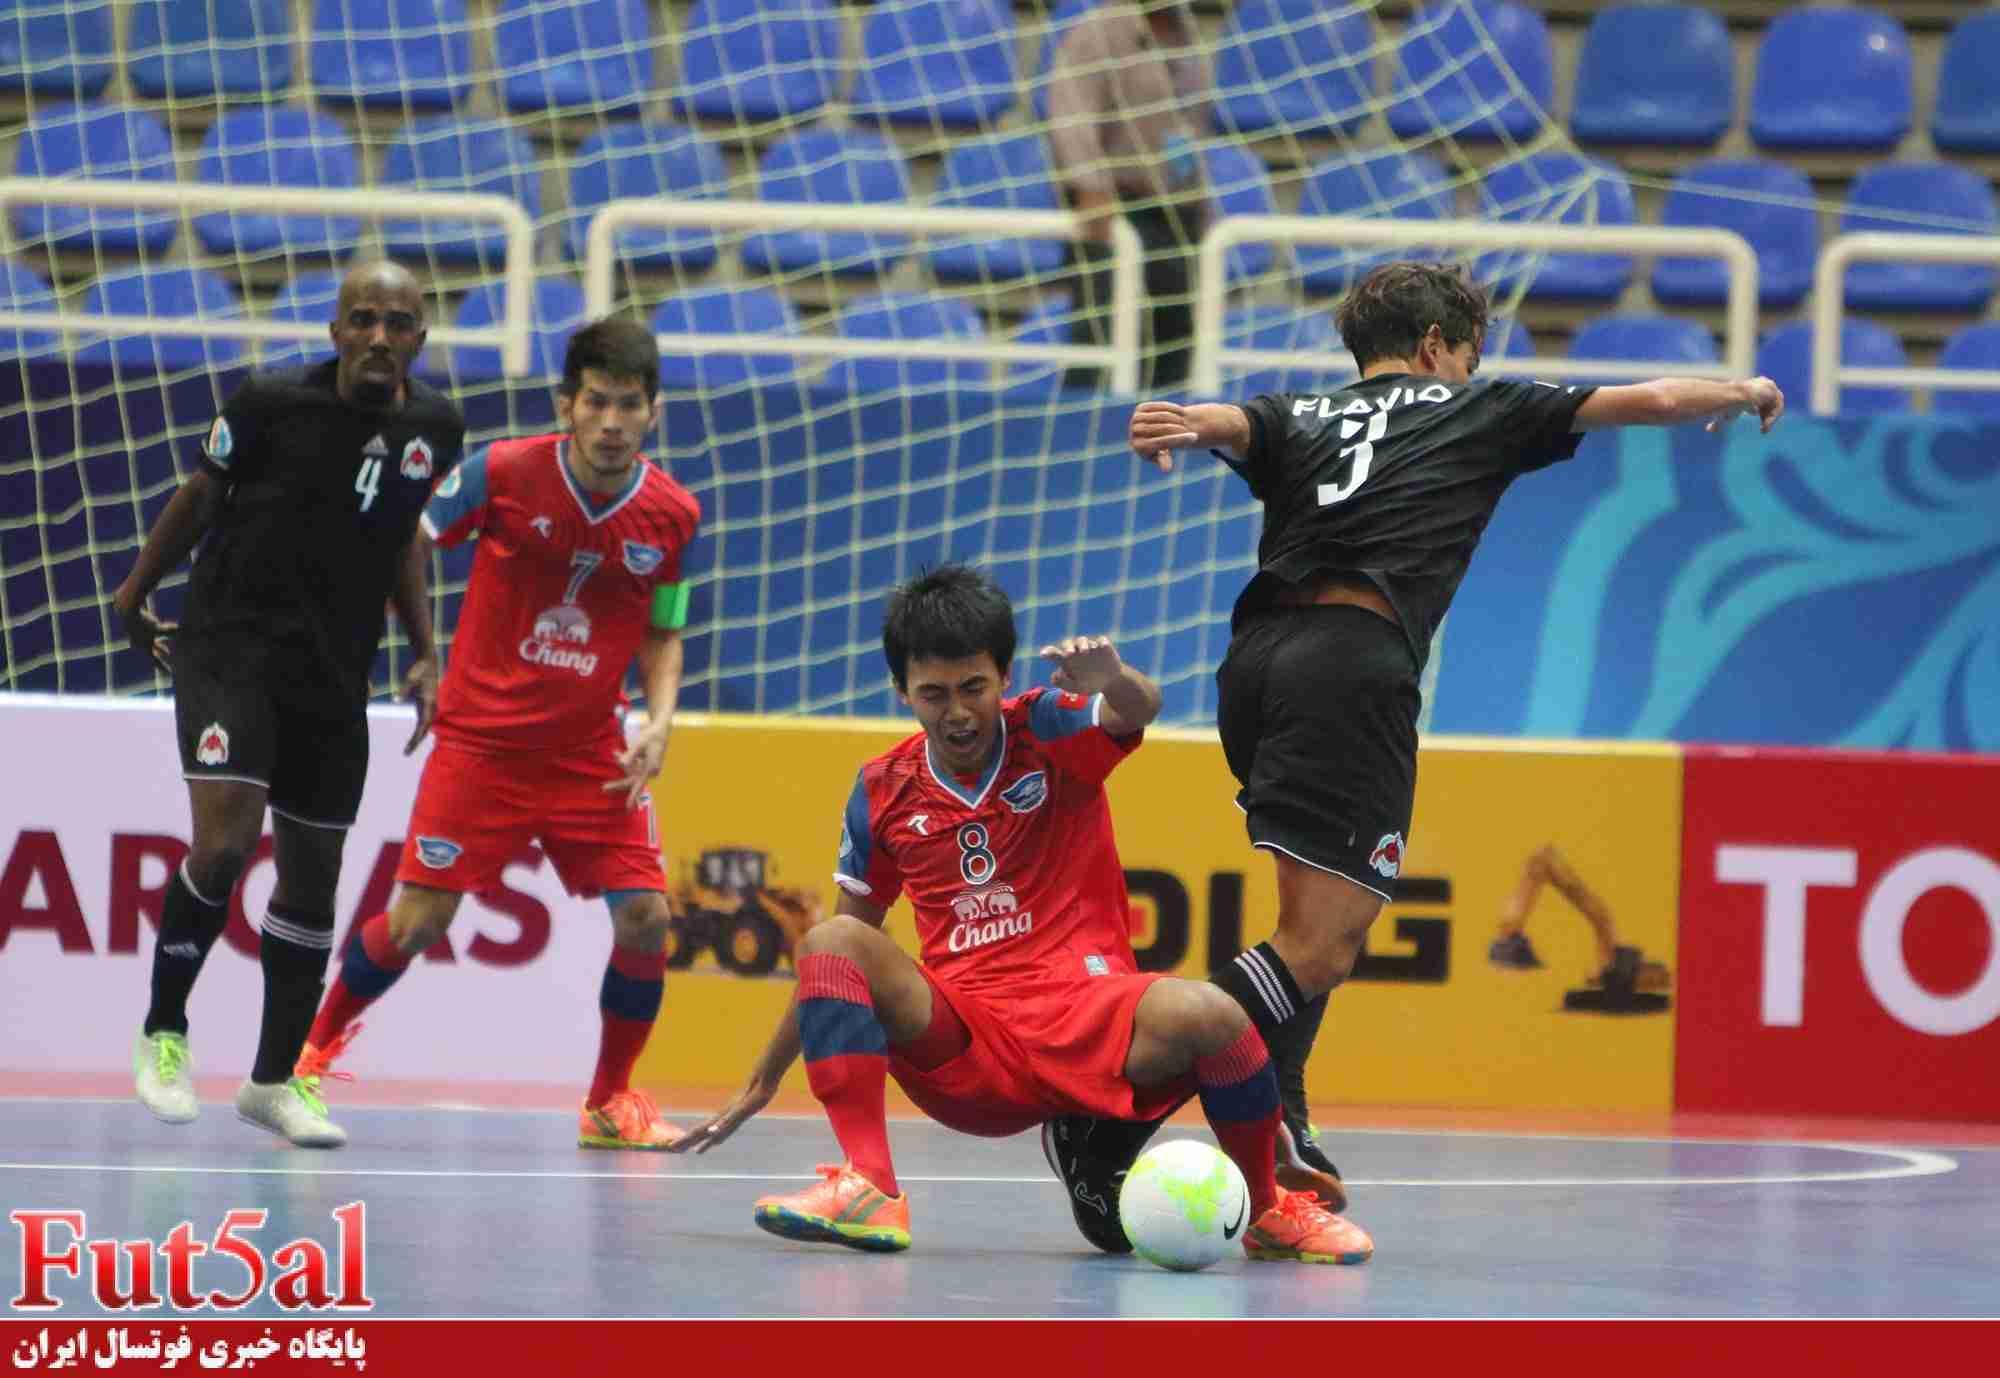 ویدئو بازی دهم جام/الریان قطر ۲ -چونبوری تایلندیک/صعود الریان با درخشش سپهر محمدی